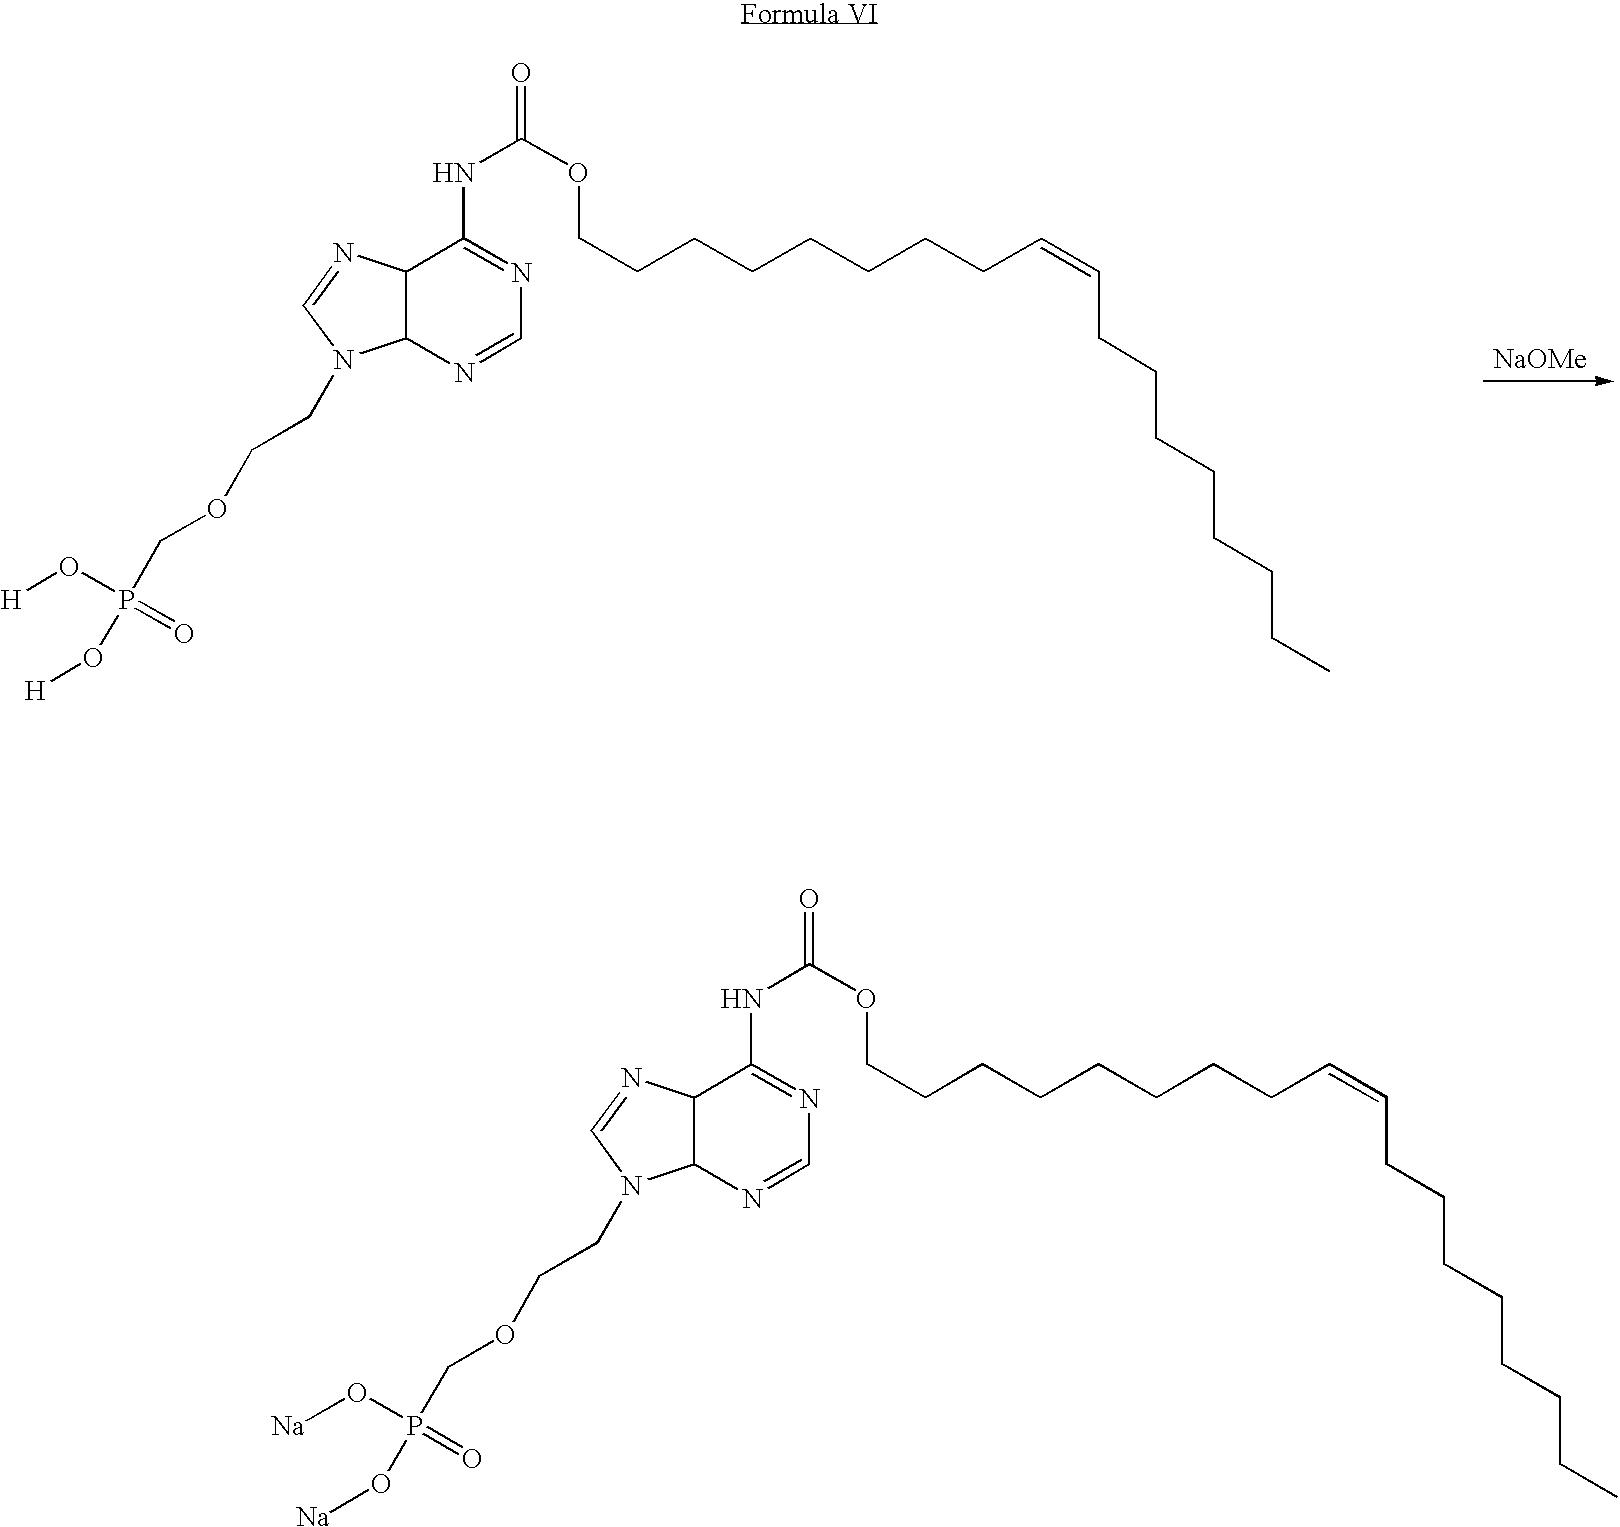 Figure US20090111774A1-20090430-C00014